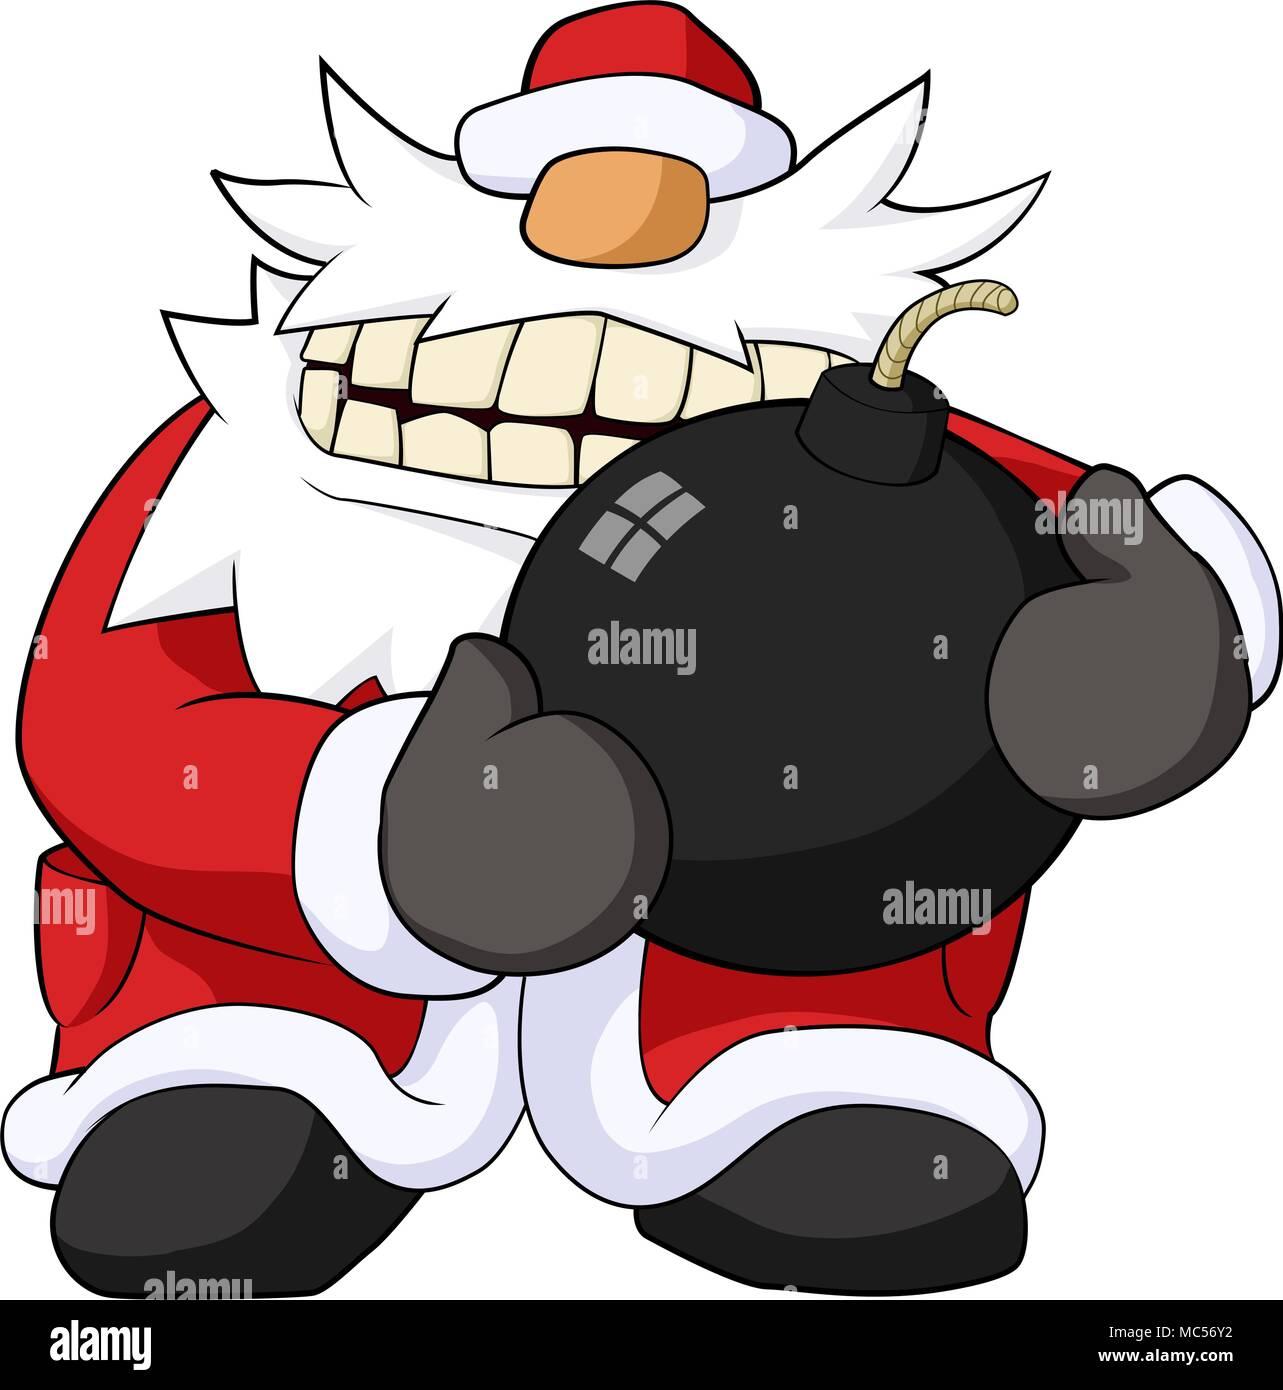 Weihnachtsfeier Cartoon.Weihnachtsfeier Humorvoll Cartoon Santa Mit Grosse Bombe Vektor